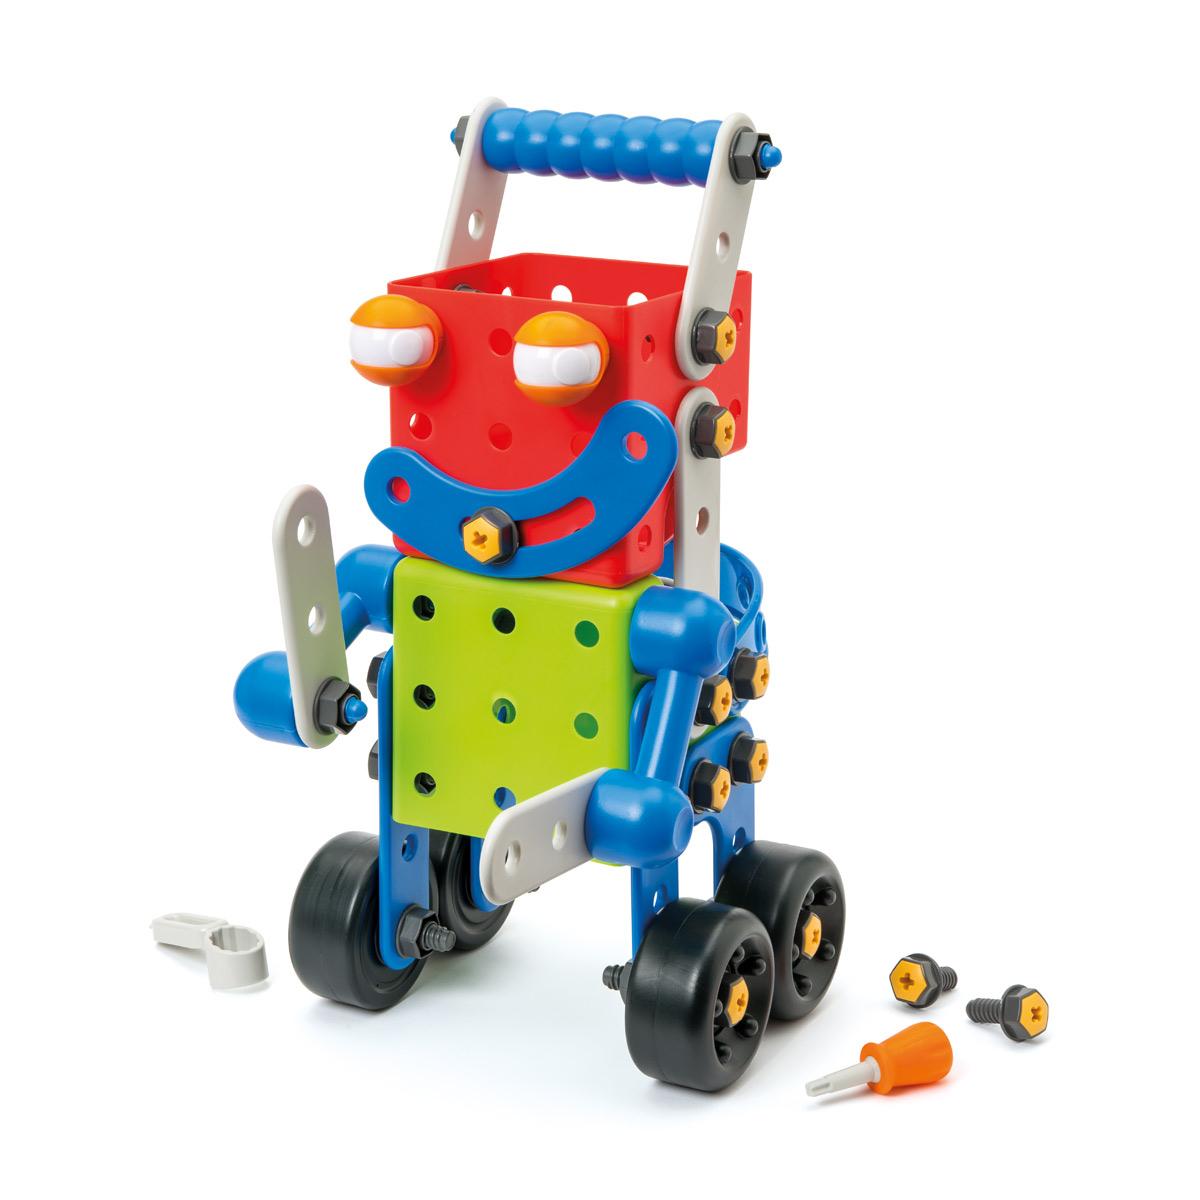 Robot Build It Géant 81 Pièces concernant Jeux Pour Enfant 7 Ans